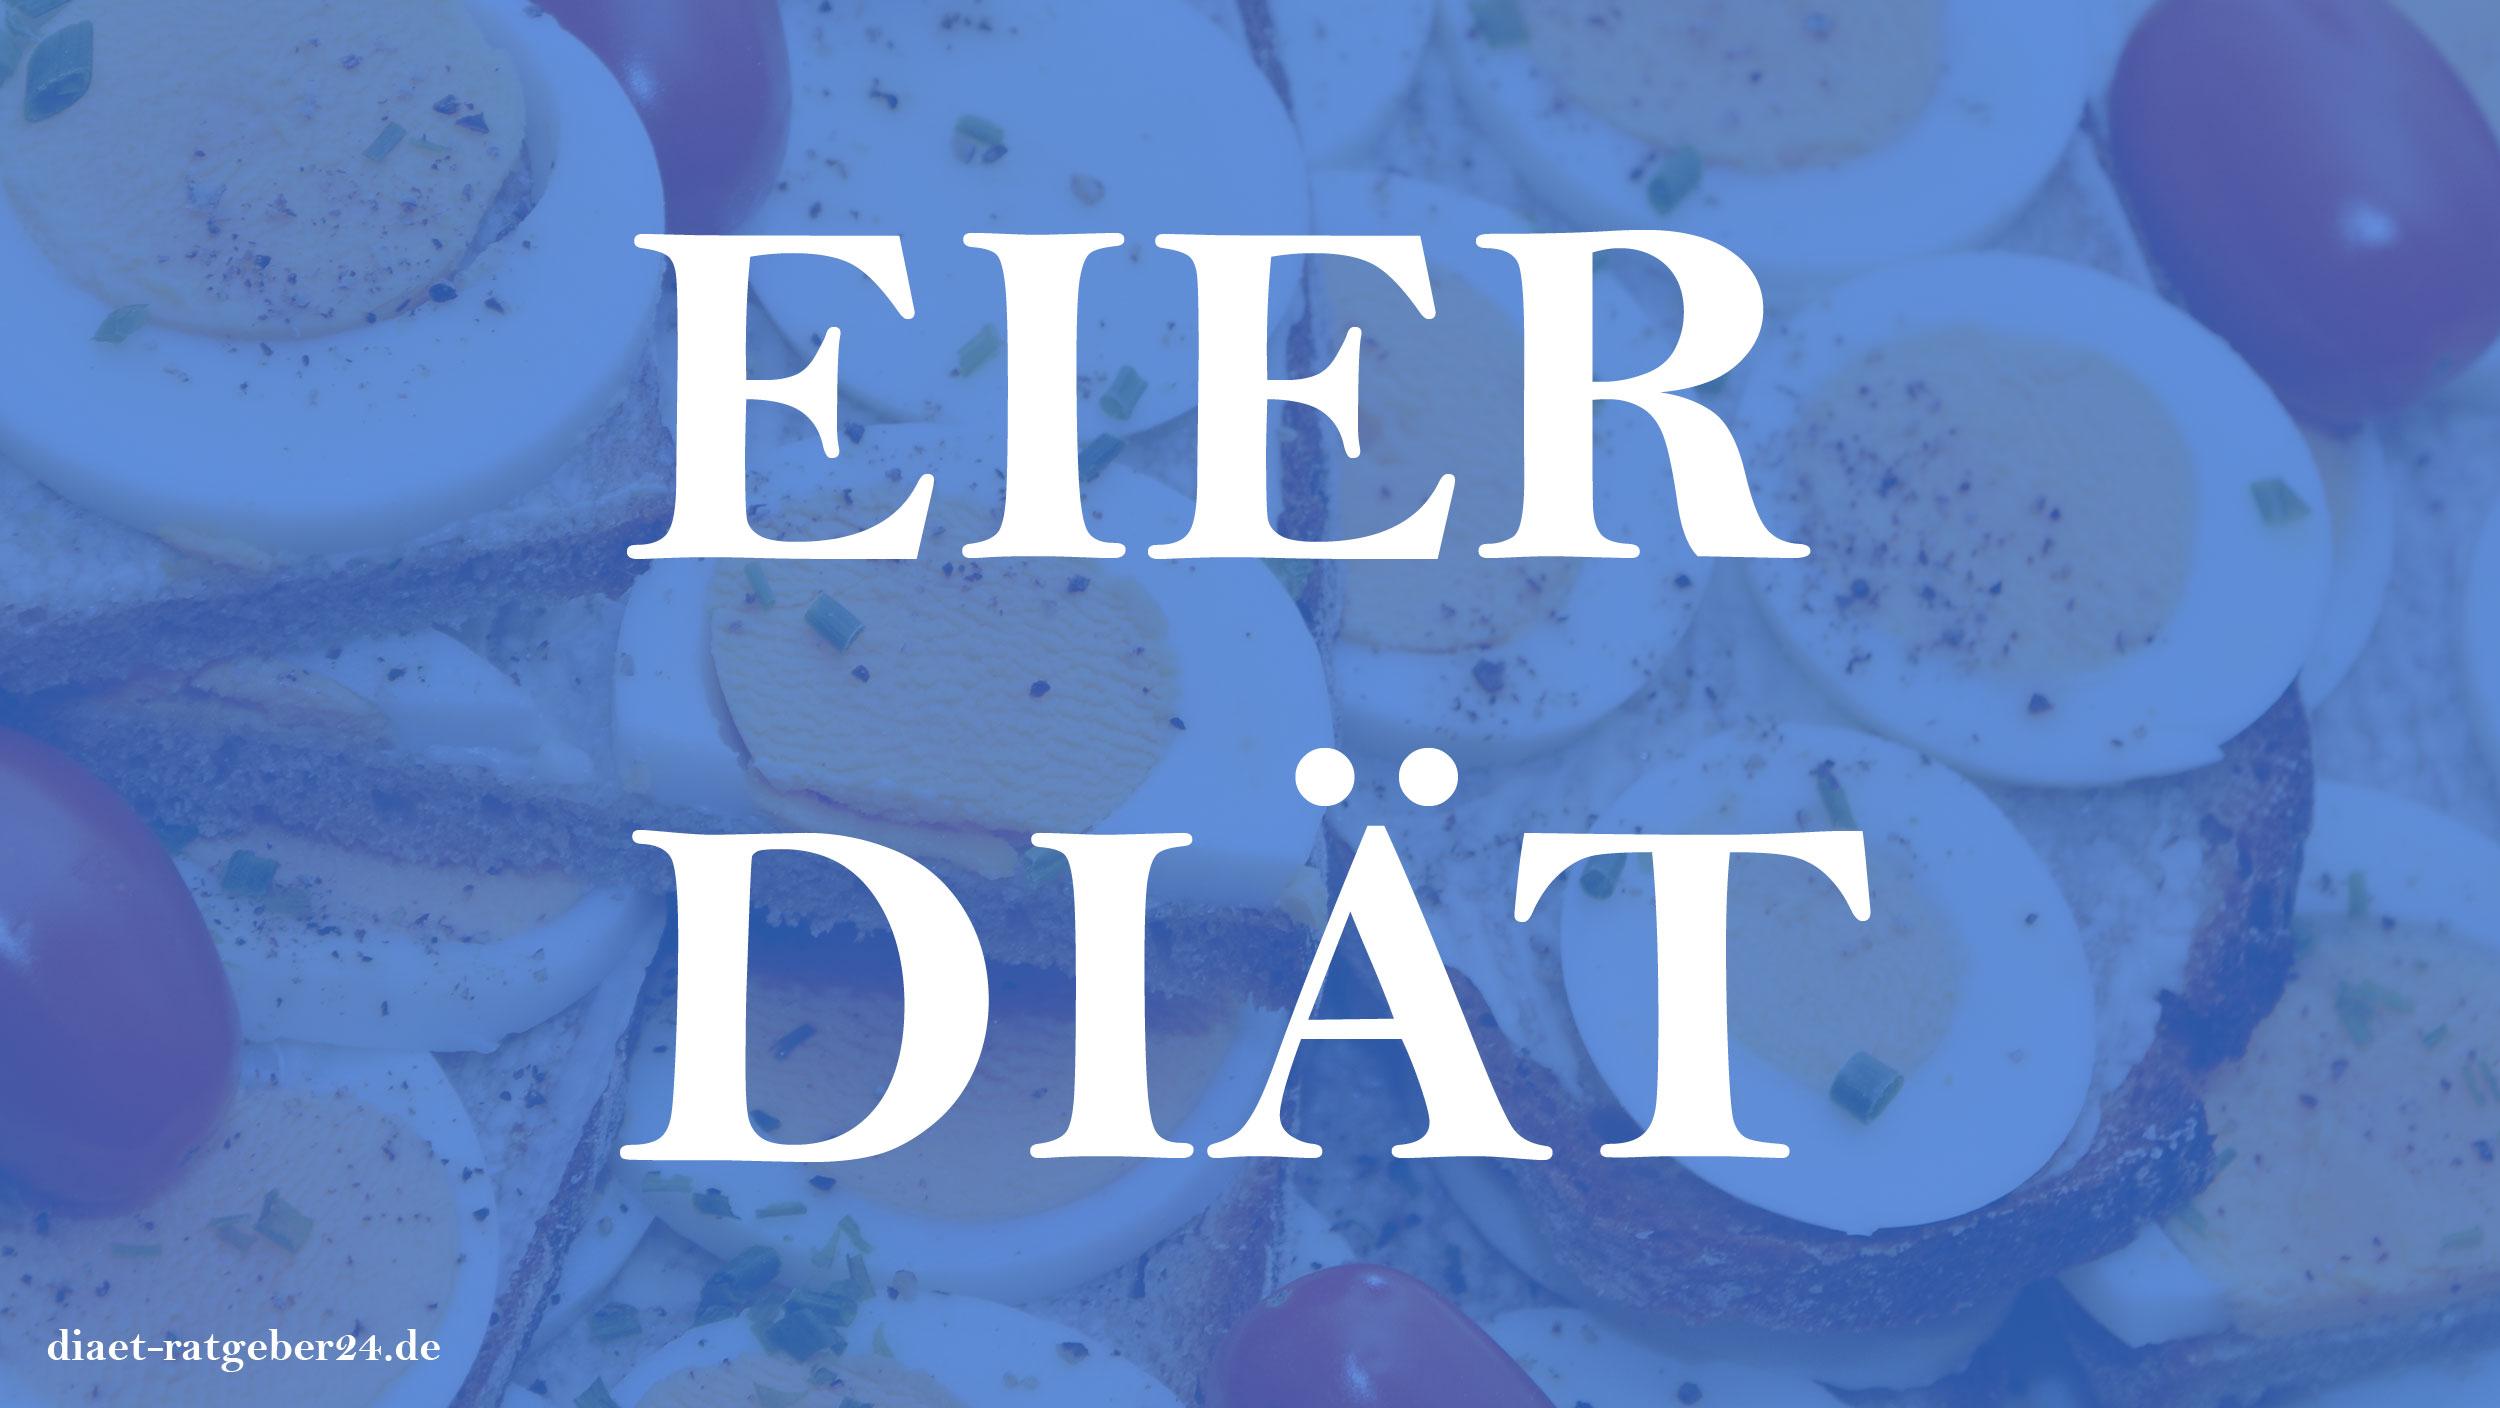 Eier Diät Diätplan Berichte Und Rezept Zum Abnehmen